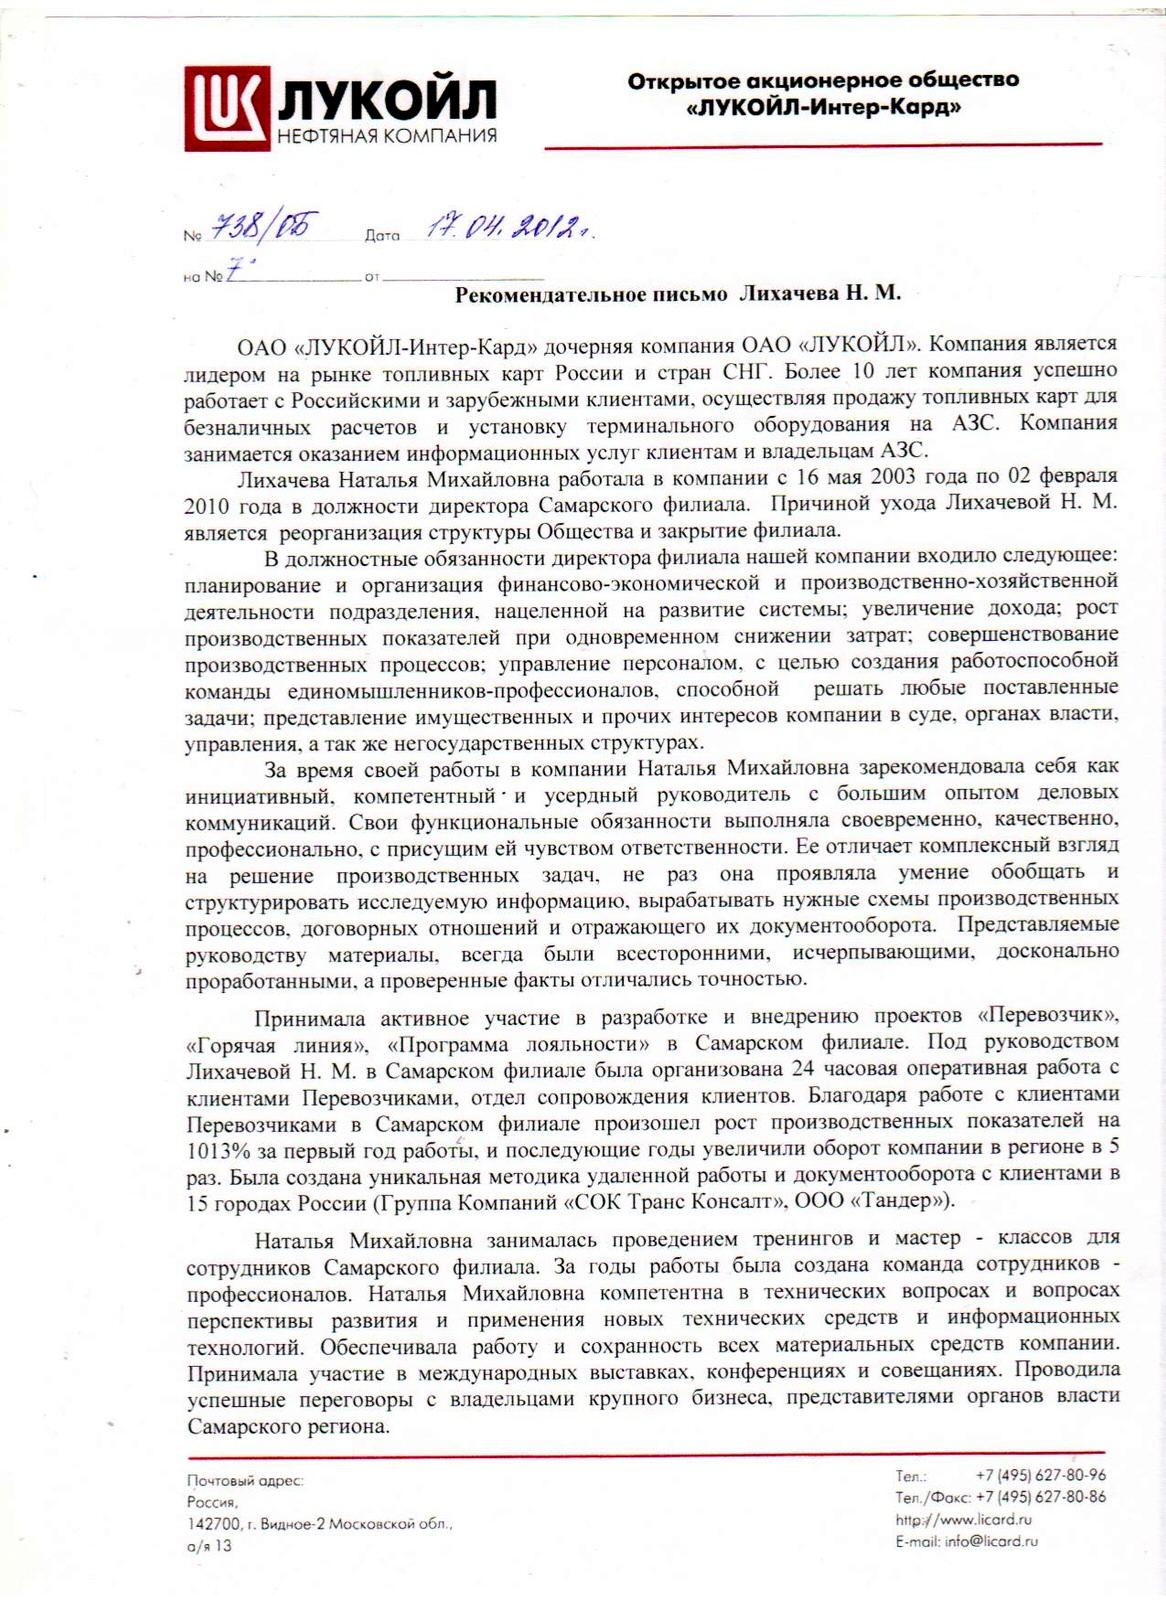 Hаталья Лихачева отзывы Ликард 1